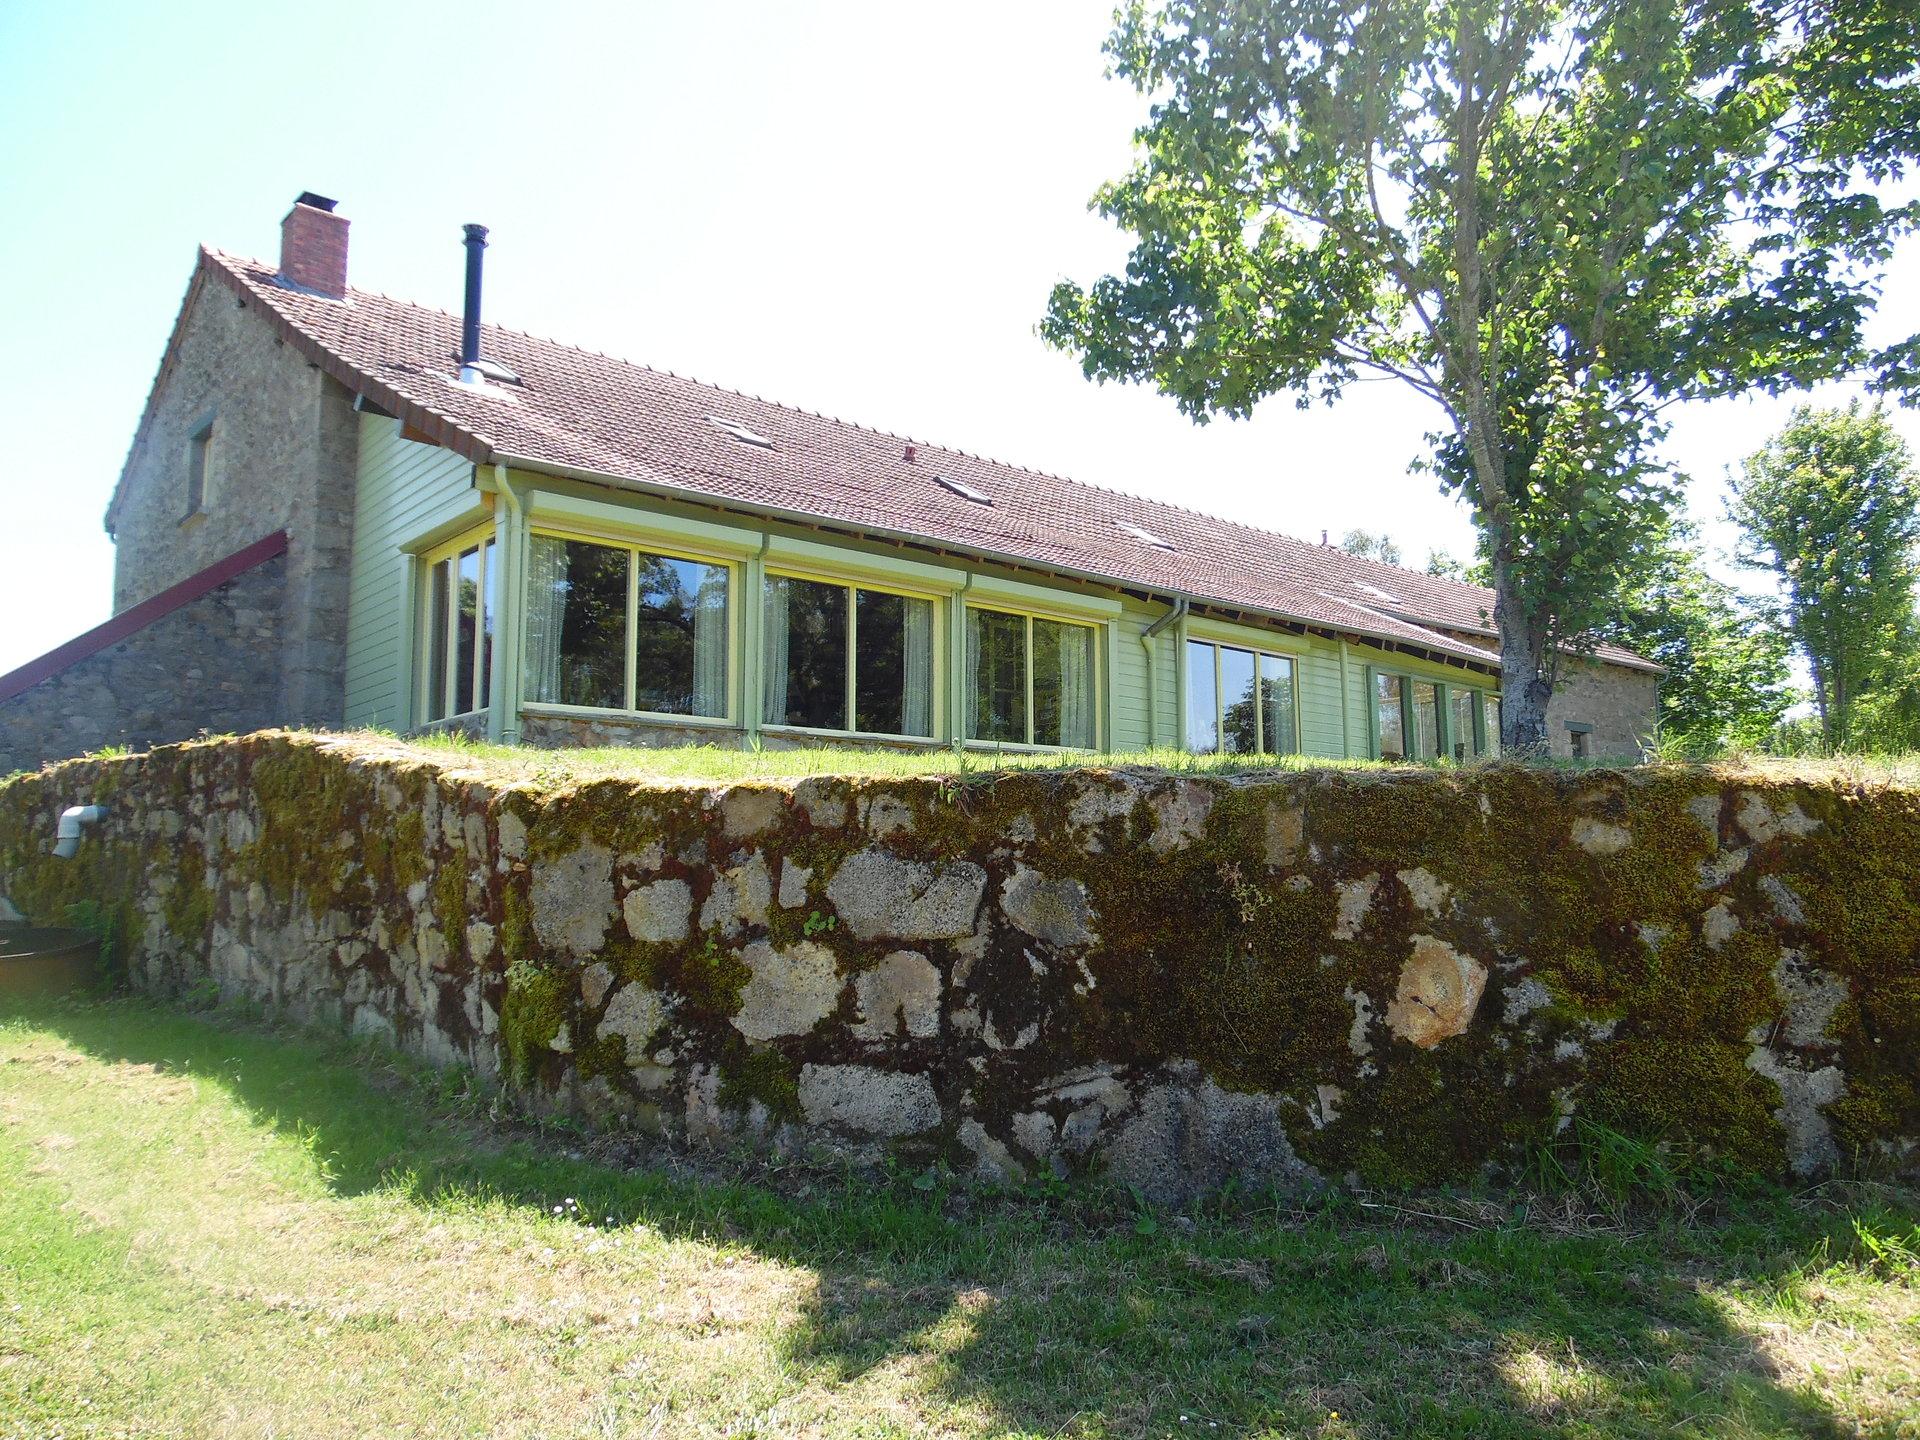 A vendre, près d'Aubusson, maison luxueuse sur 1,8 ha.